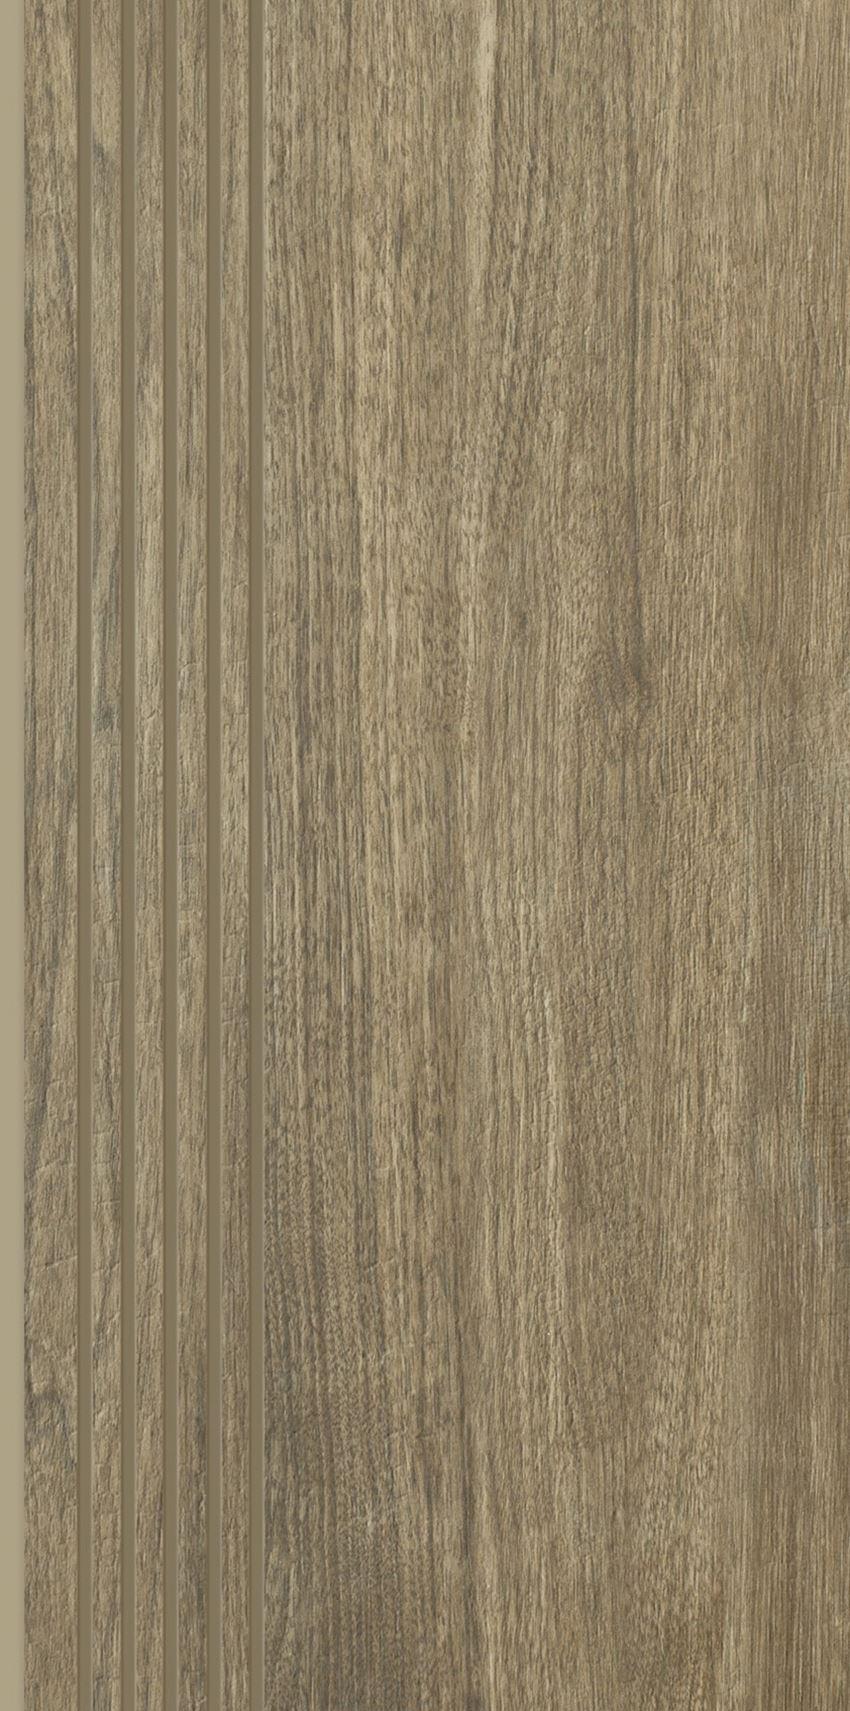 Płytka stopnicowa 29,8x59,8 cm Paradyż Almonte Brown Stopnica Prosta Nacinana Mat